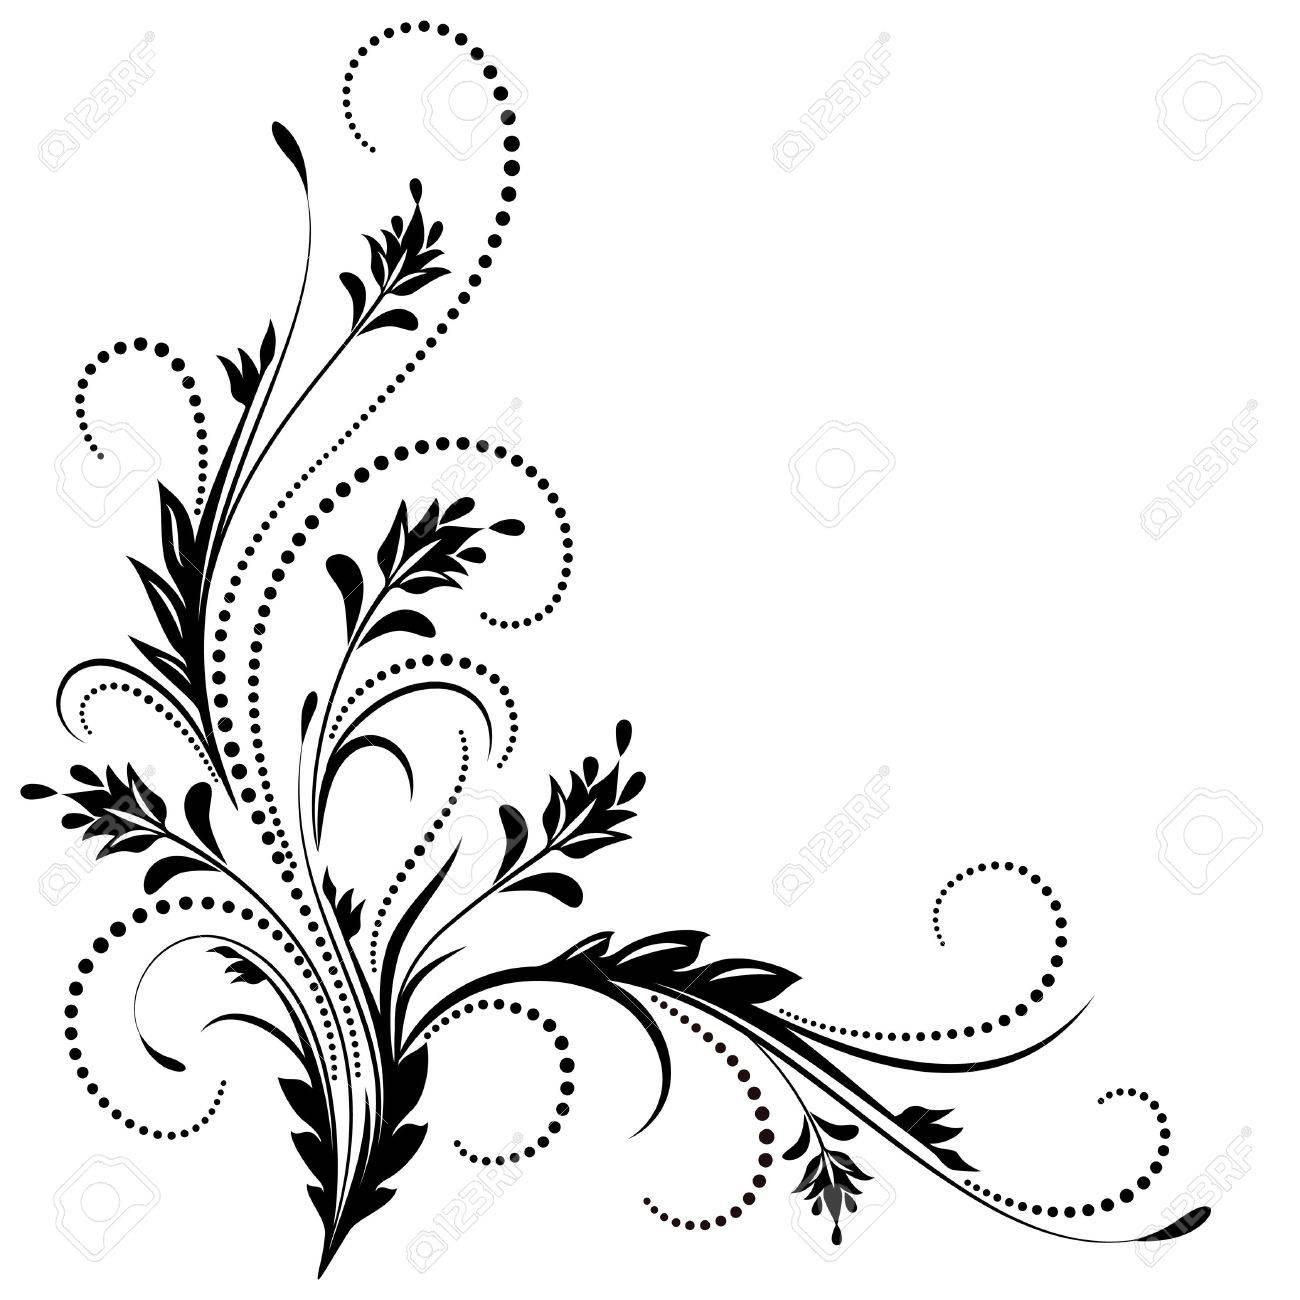 Decorative corner ornament in retro style - 50567285